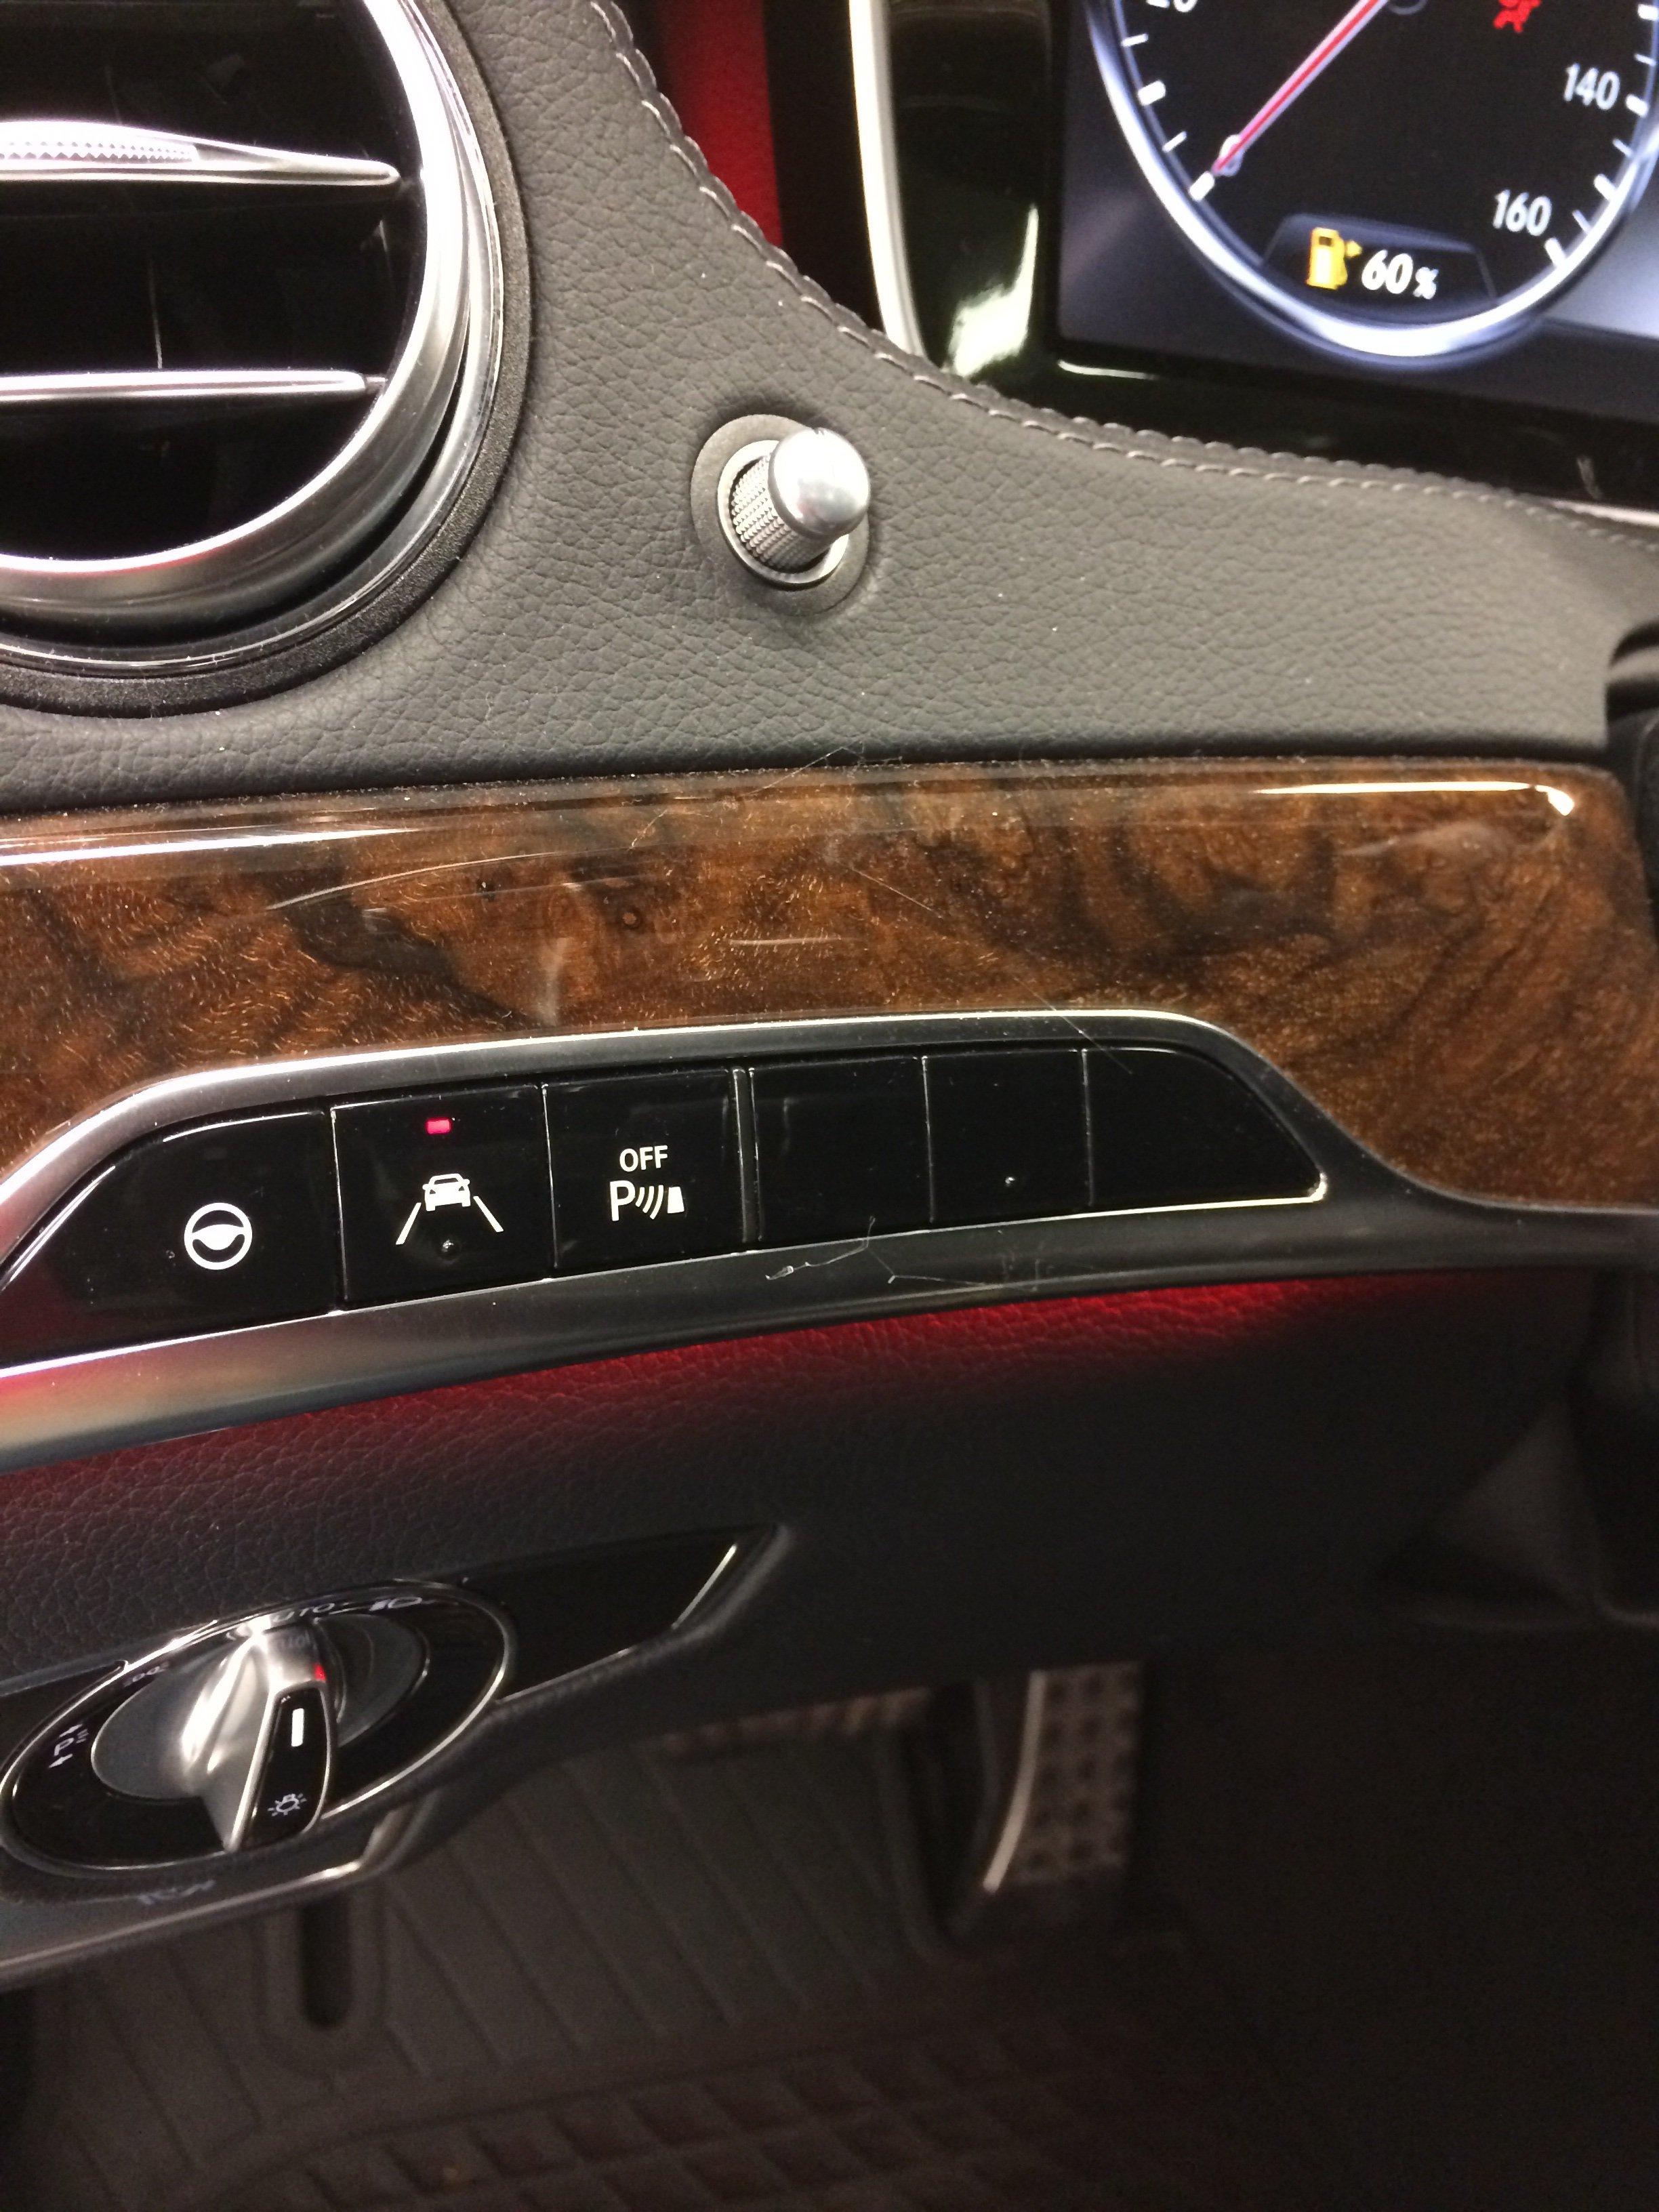 Даже Mercedes S-Class стоимостью более 4 млн. рублей имеет заглушки под кнопки